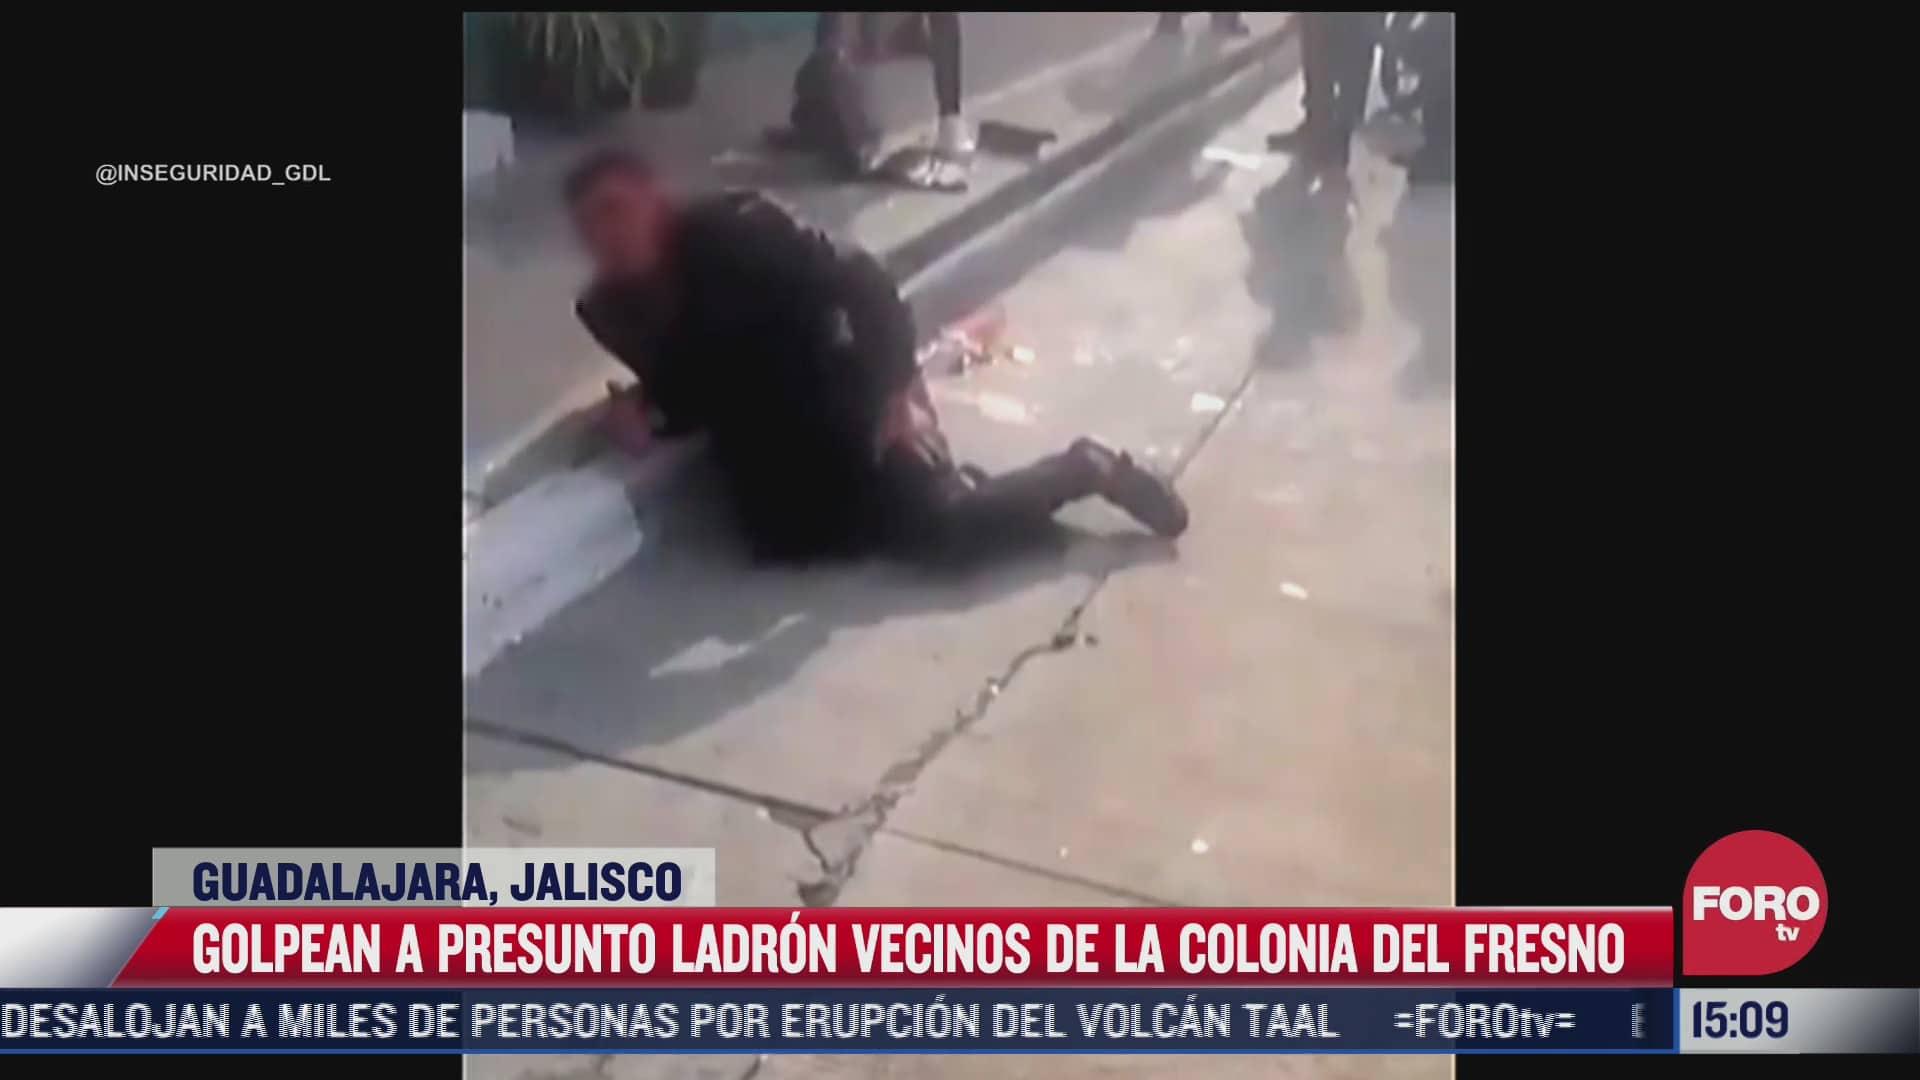 golpean a presunto ladron en guadalajara